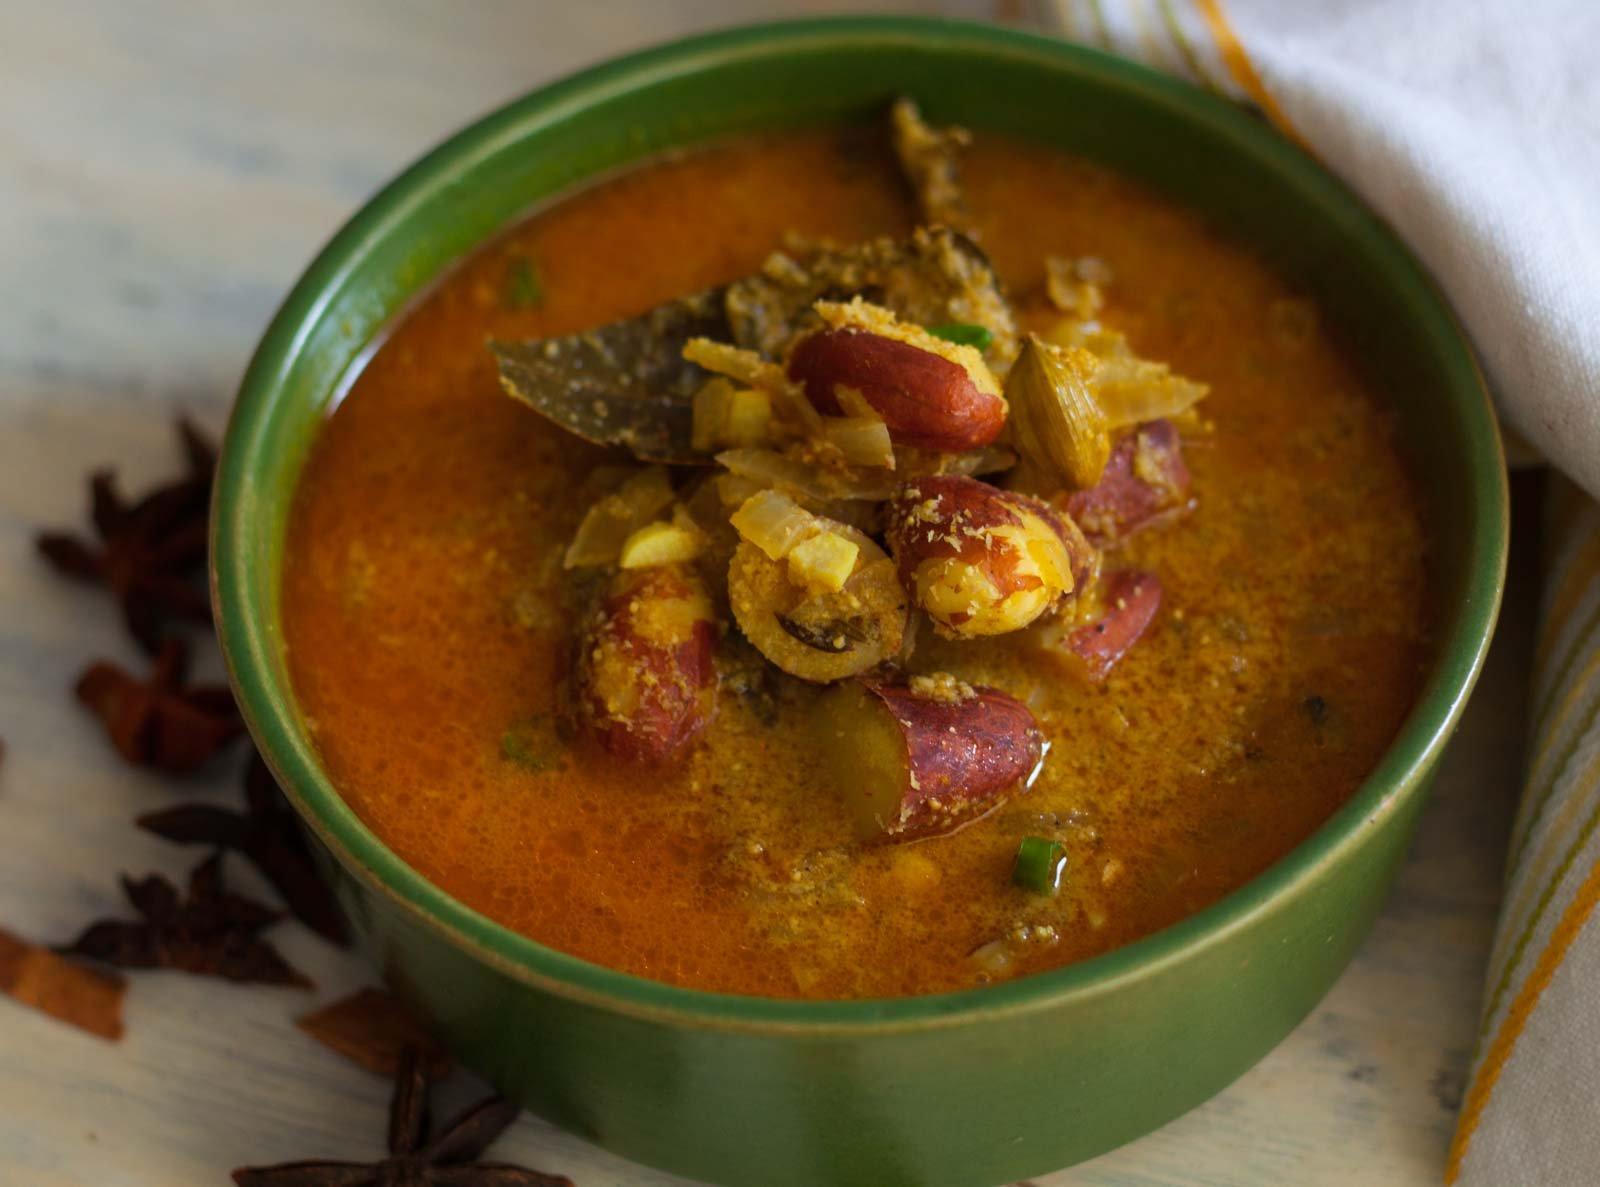 Receita de Korma de semente de jaca pela cozinha de Archana